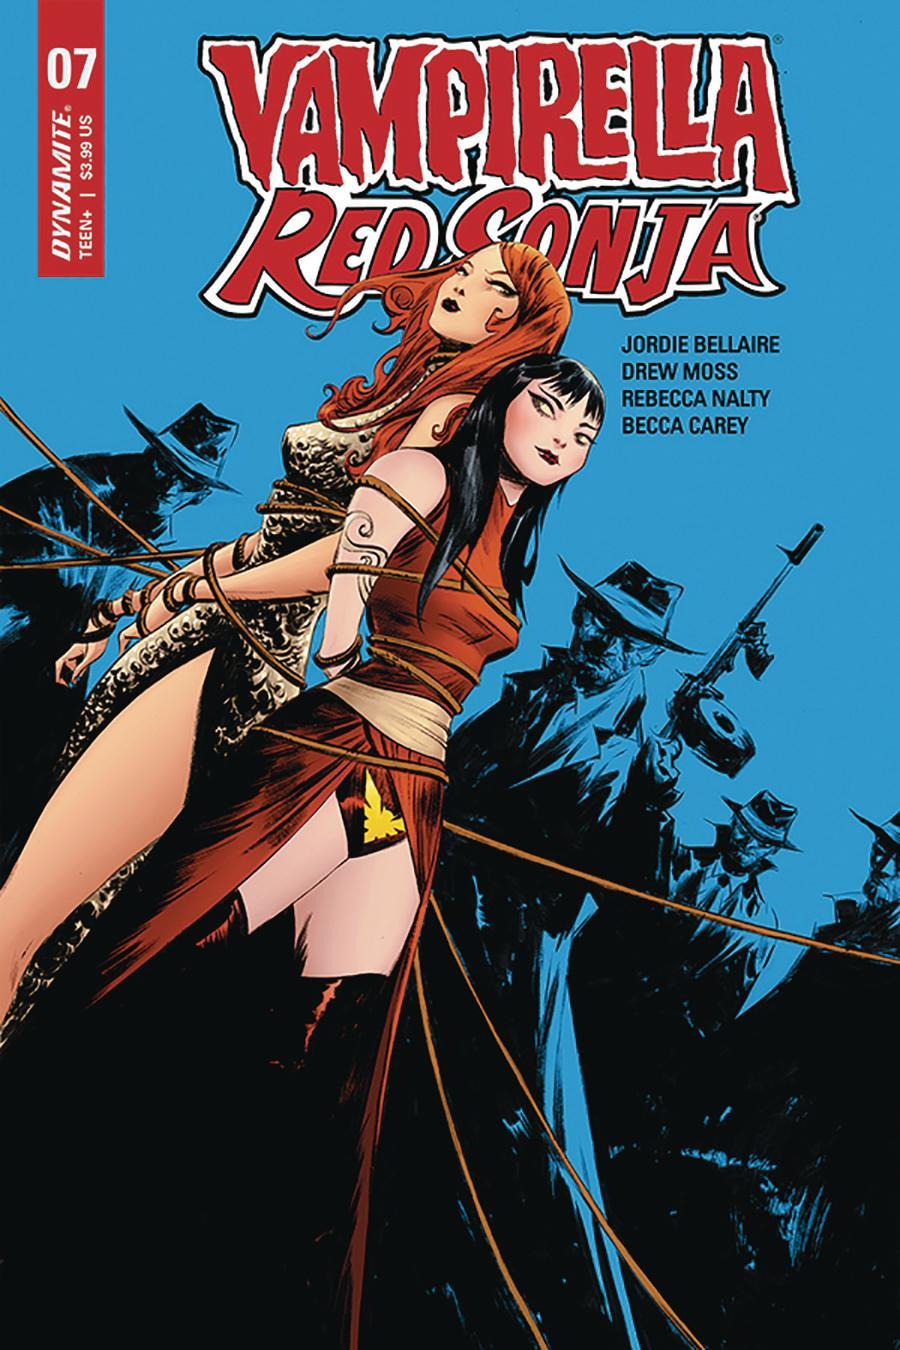 Vampirella Red Sonja #7 Cover A Regular Jae Lee Cover